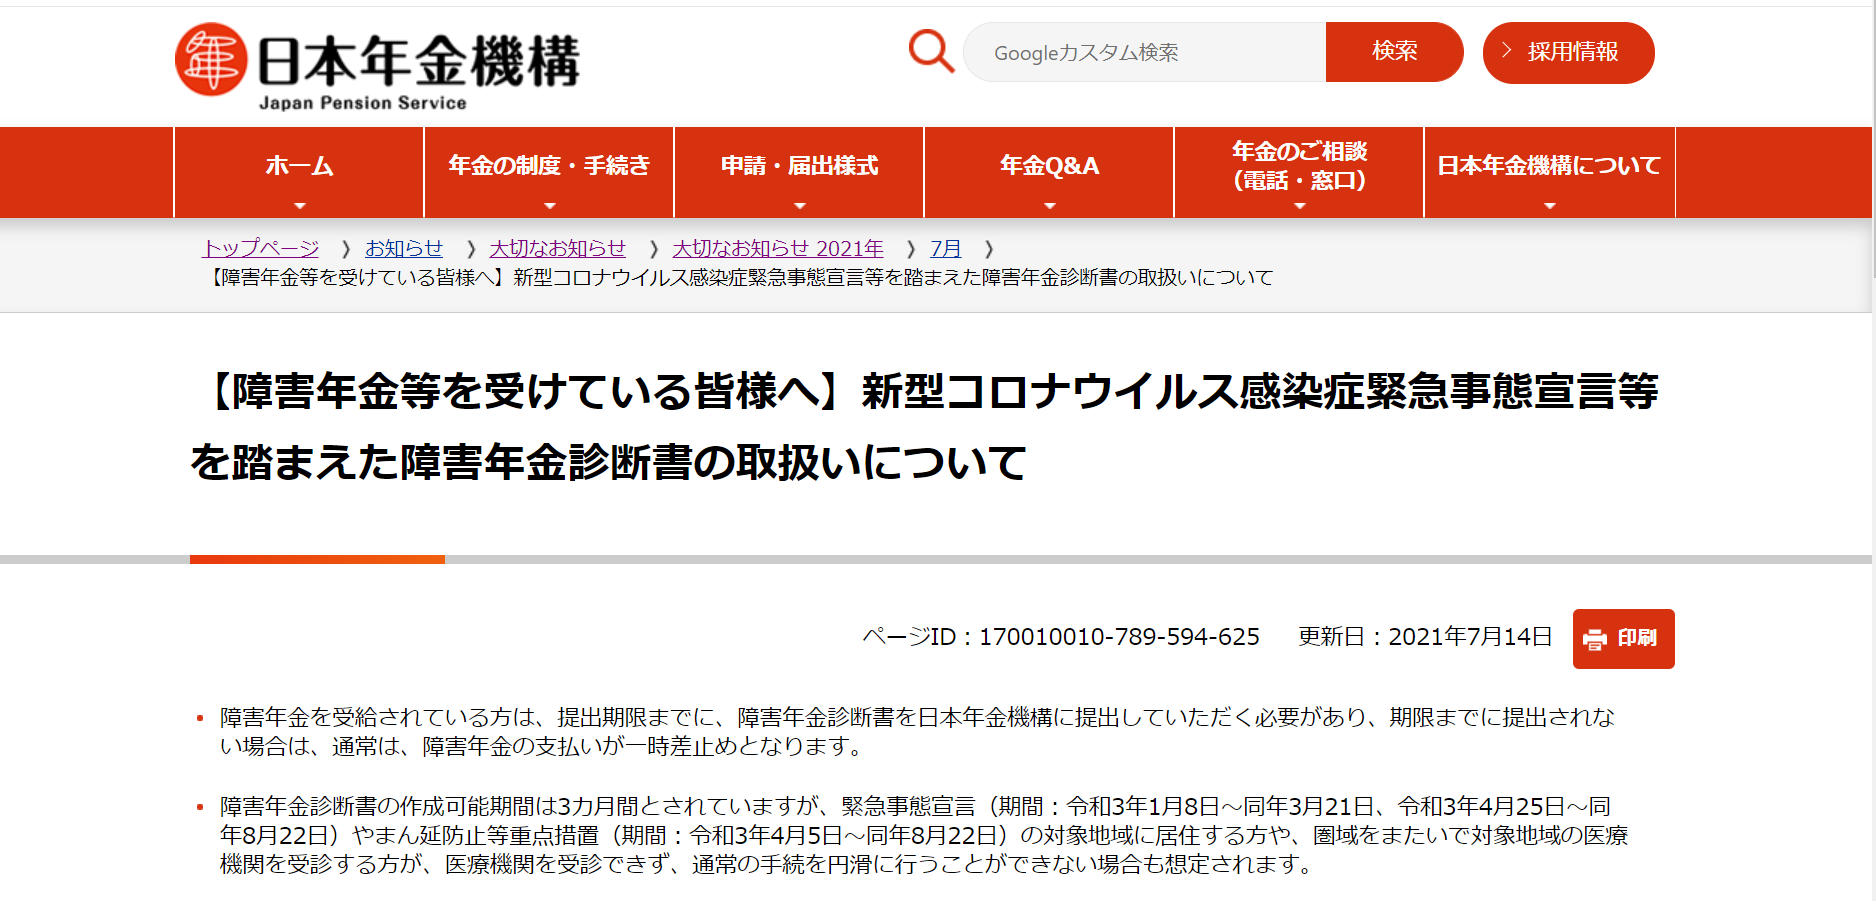 日本年金機構 障害年金ページ